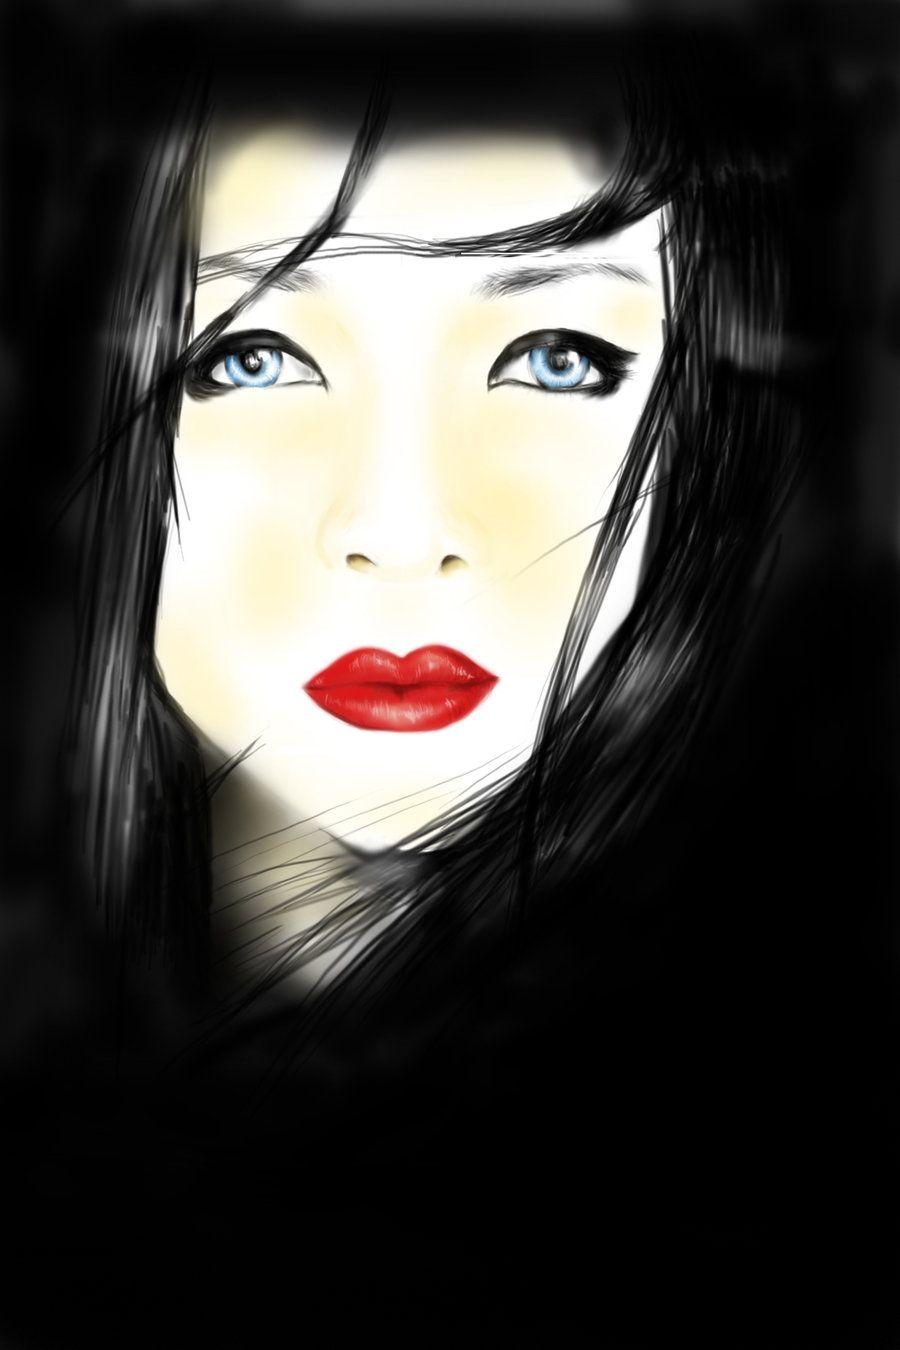 Memoirs of a geisha geisha cinema art